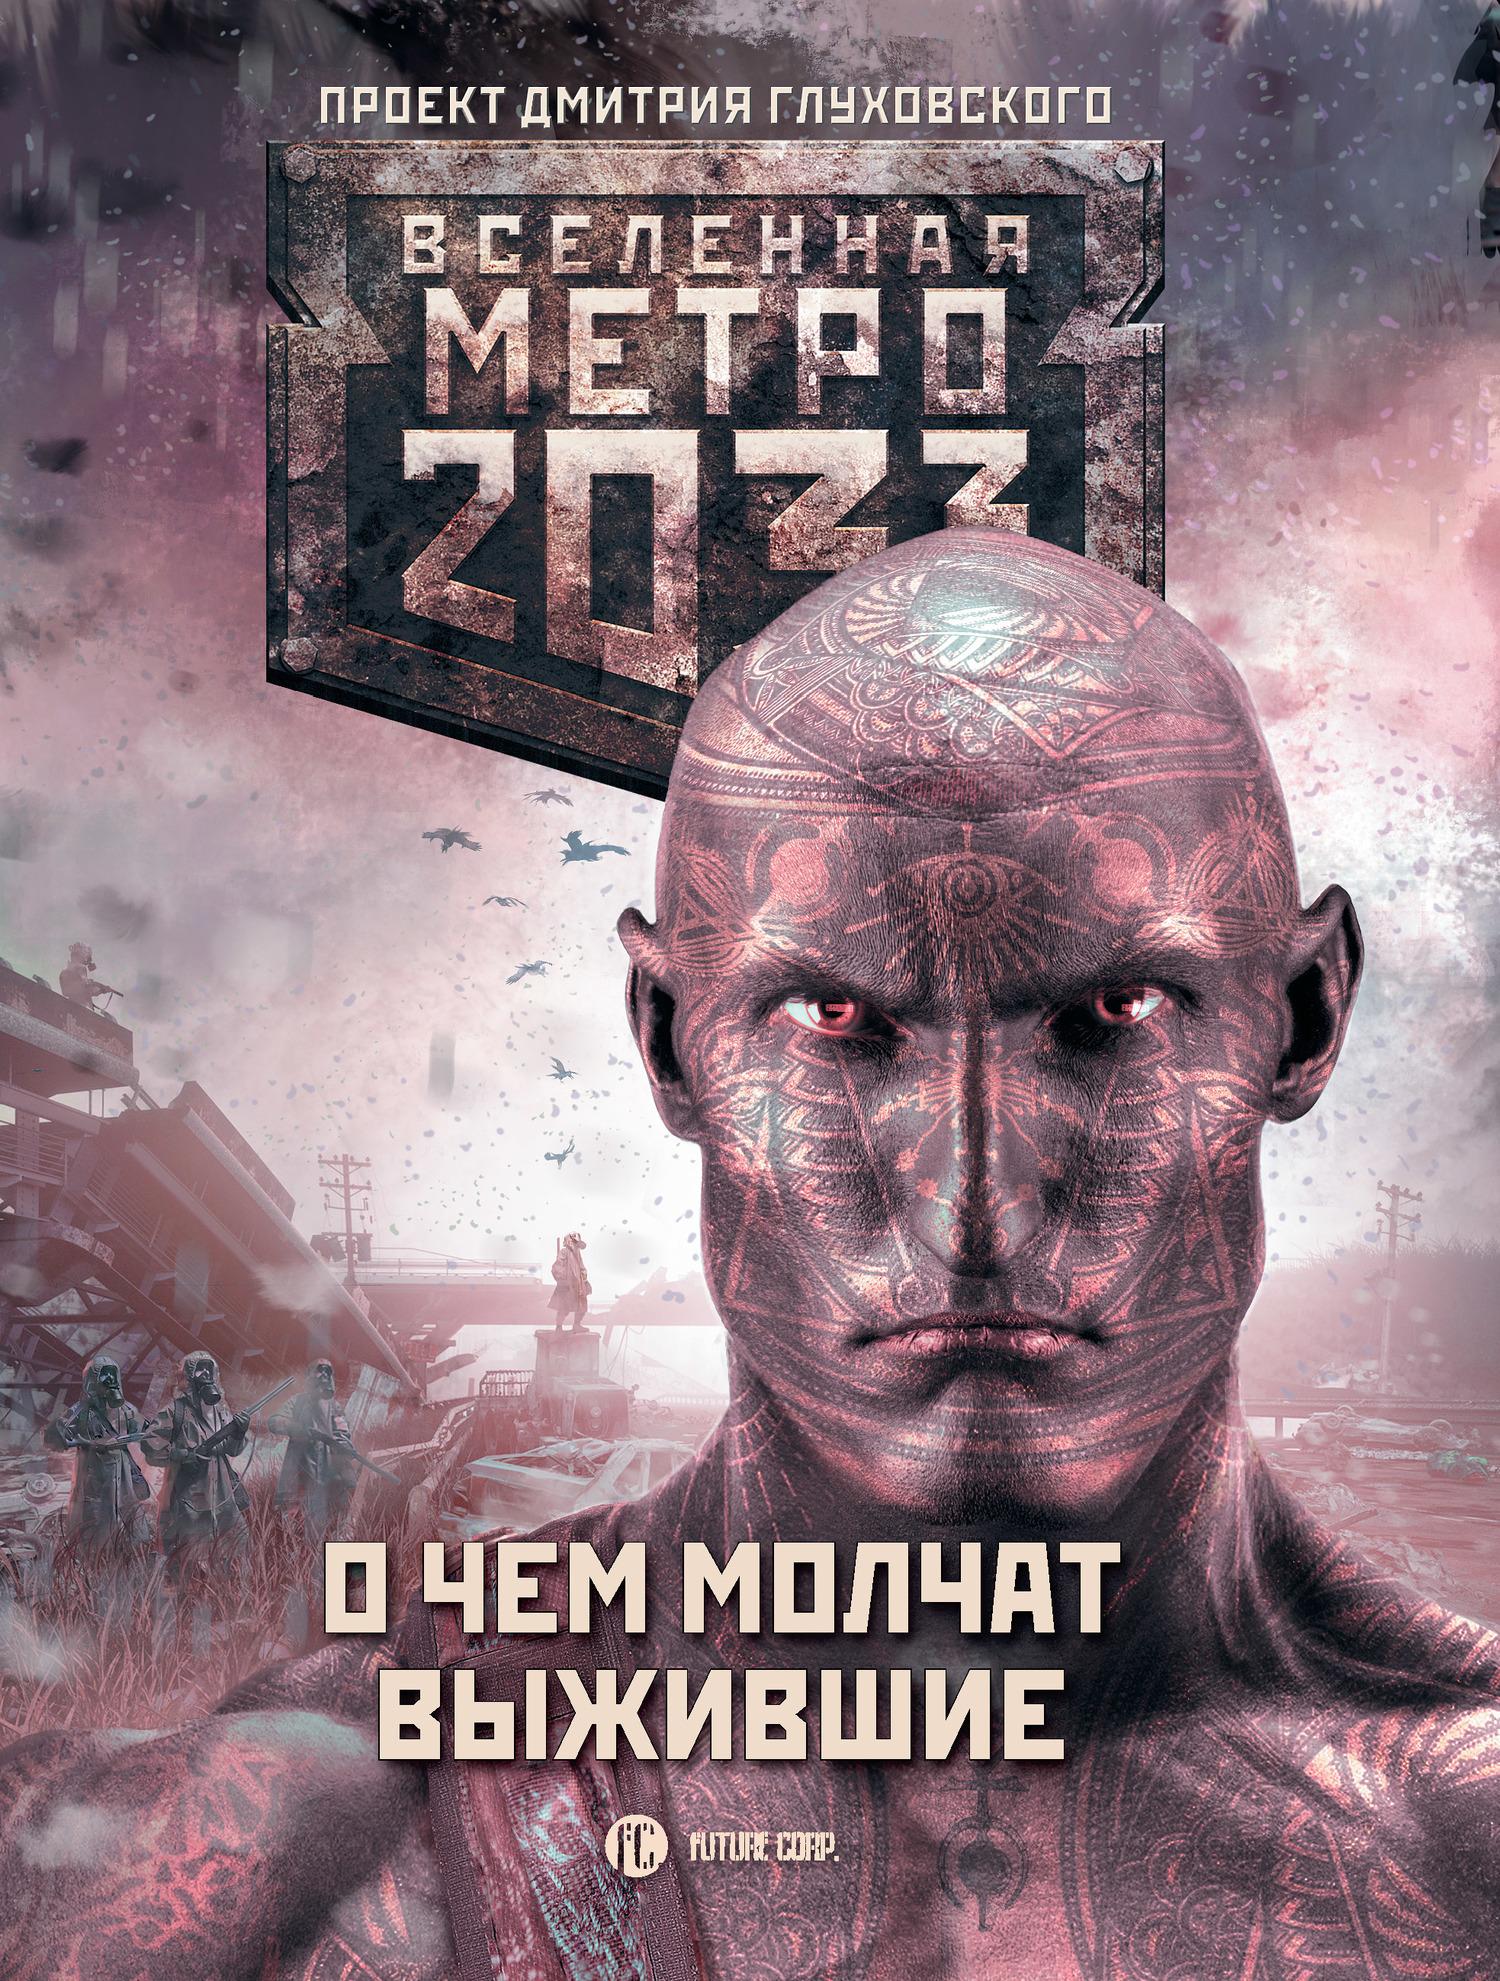 скачать бесплатно книгу Метро 2033: О чем молчат выжившие (сборник)